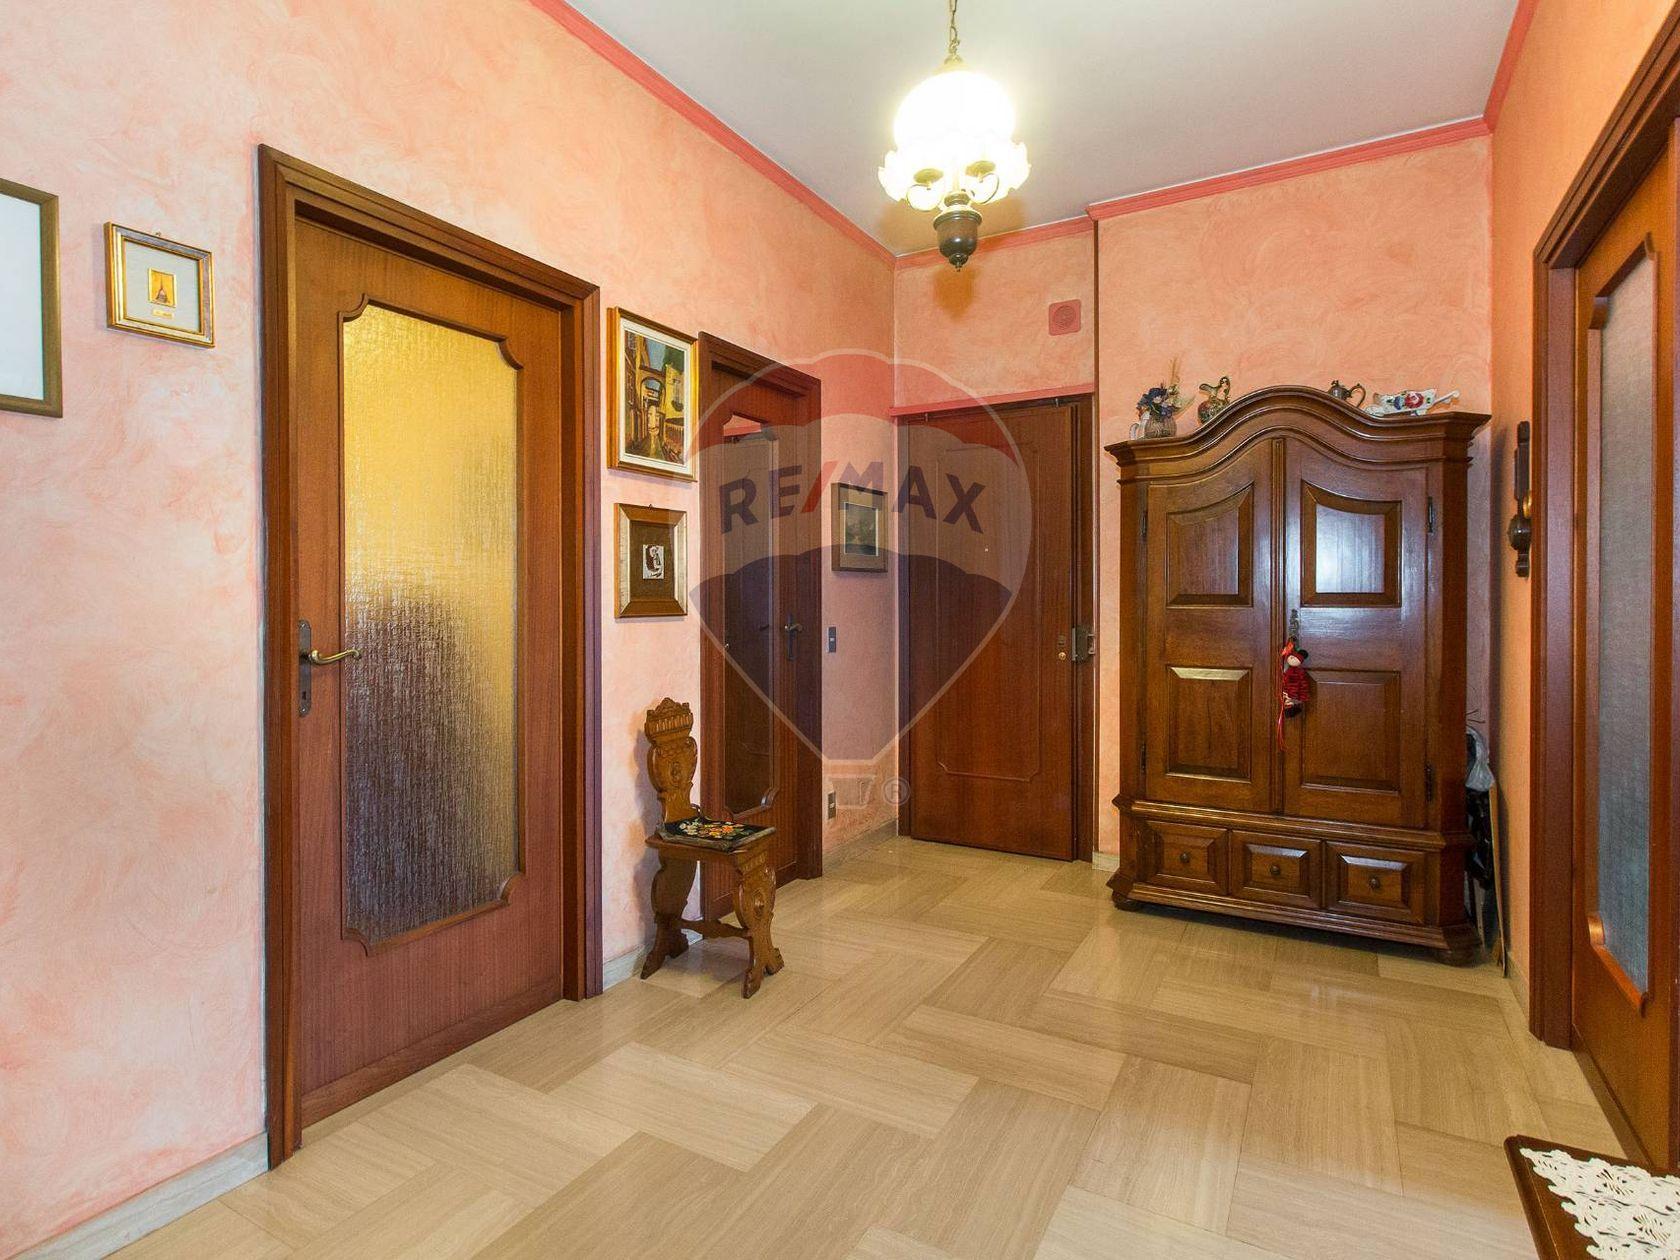 Appartamento San Pietro, Moncalieri, TO Vendita - Foto 9